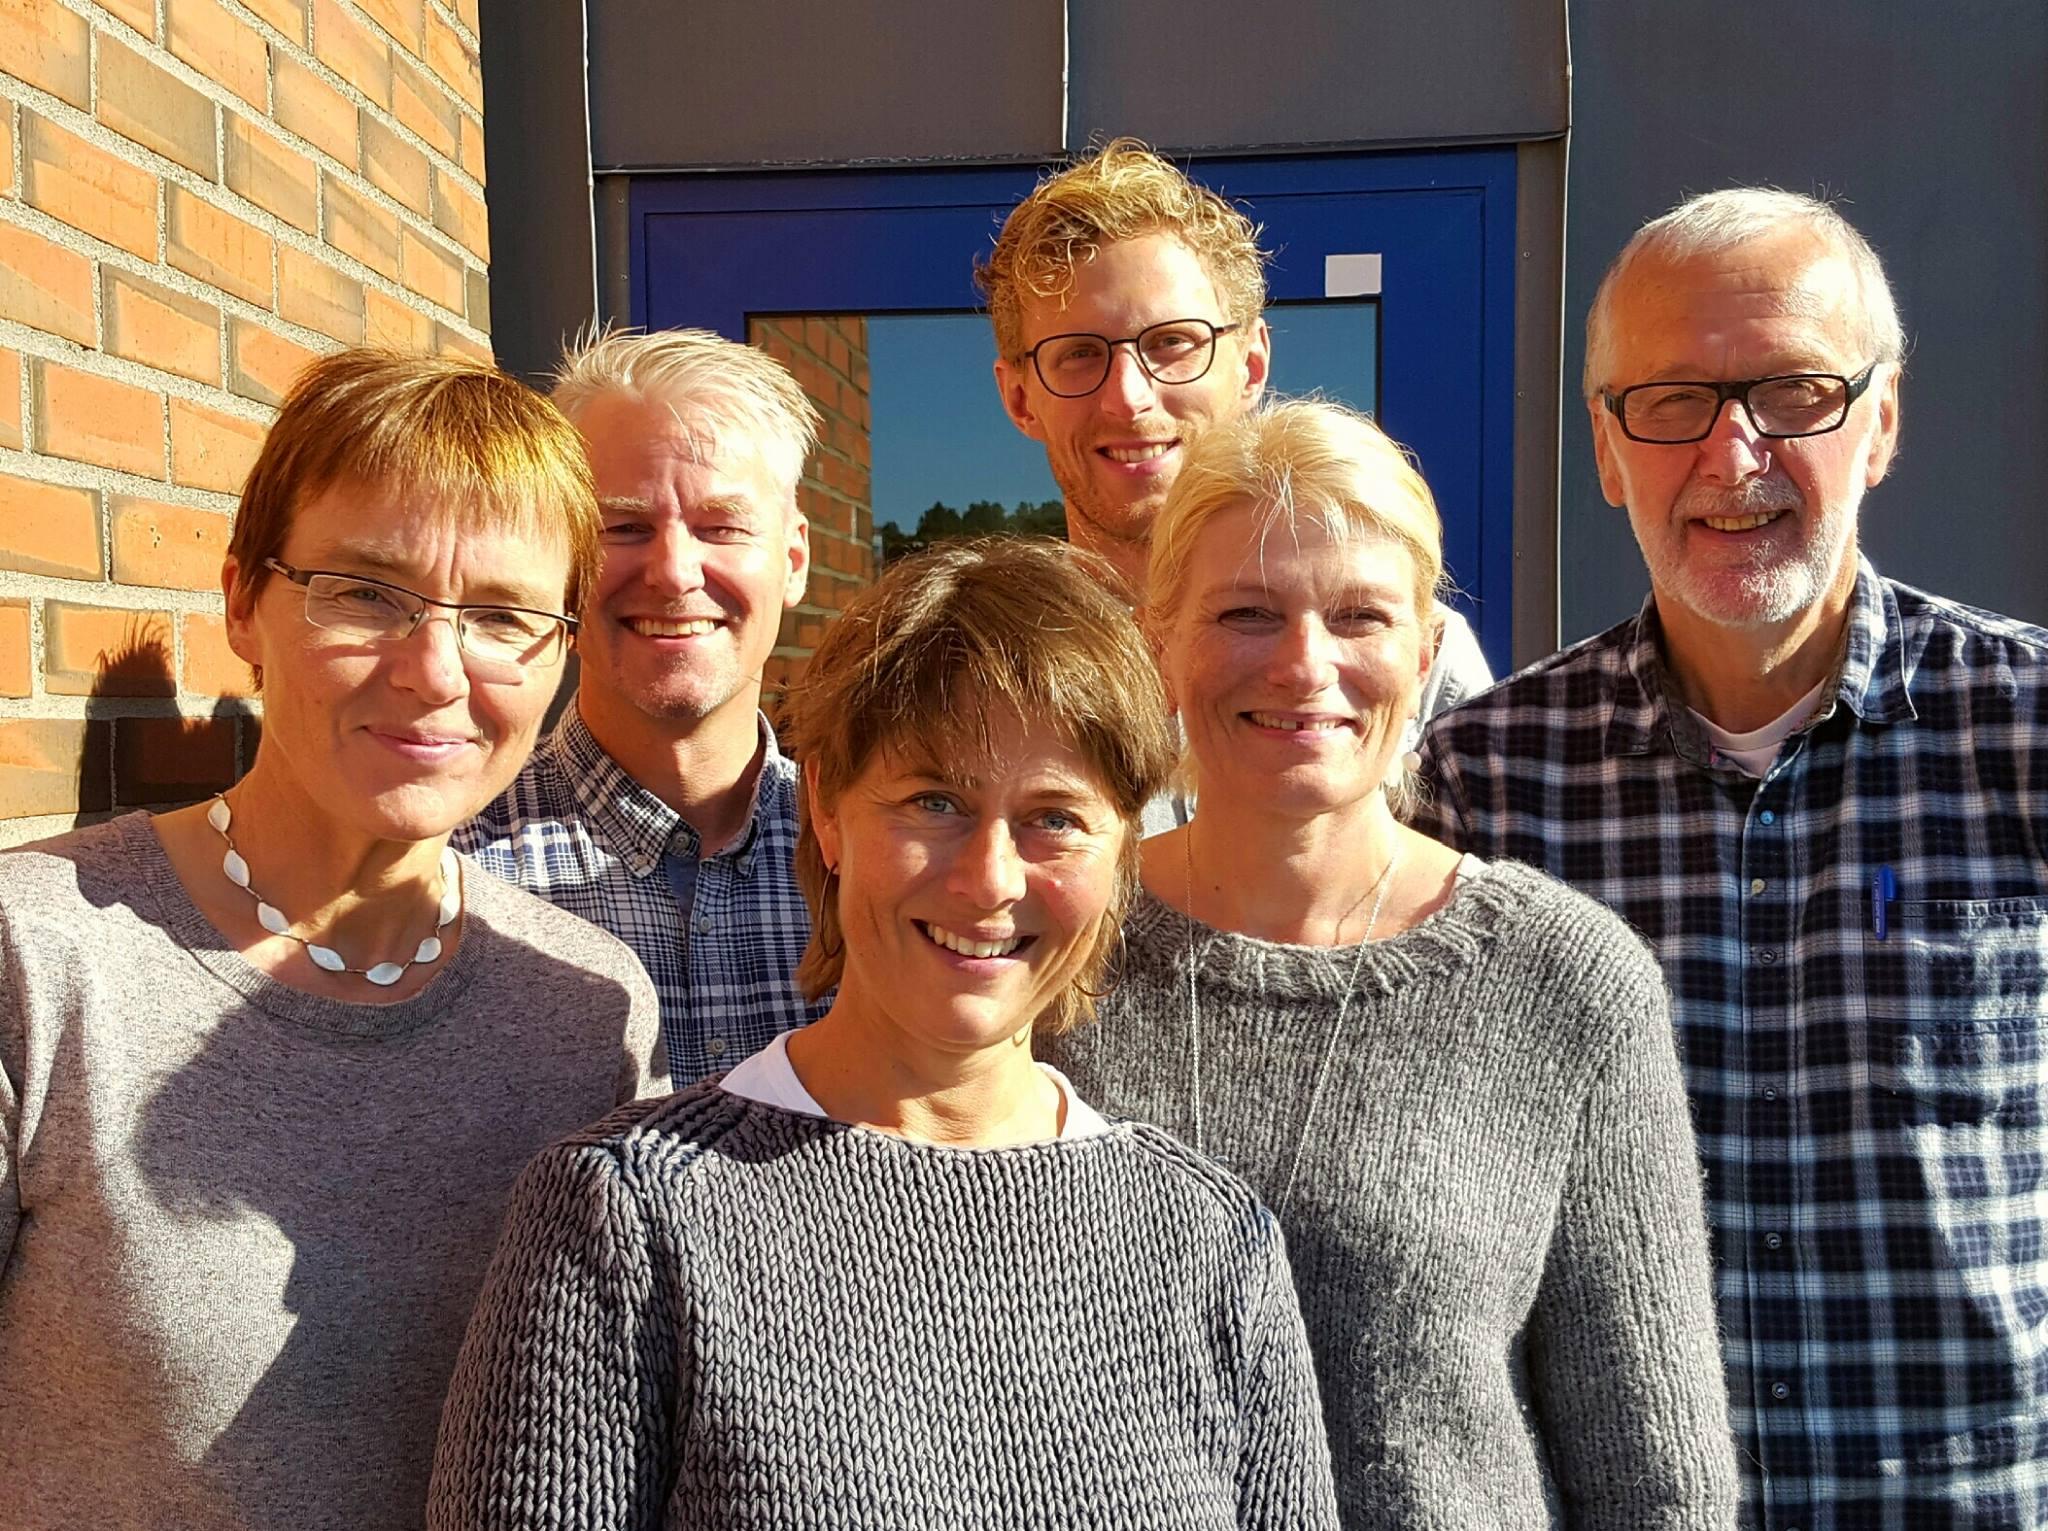 NSDM sitt team høsten 2016 fra øverst til venstre: Frank Remman, Martin Harbitz og Ivar J. Aaraas. Fra nederst til venstre: Margrethe Gaski, Helen Brandstorp og Birgit Abelsen.